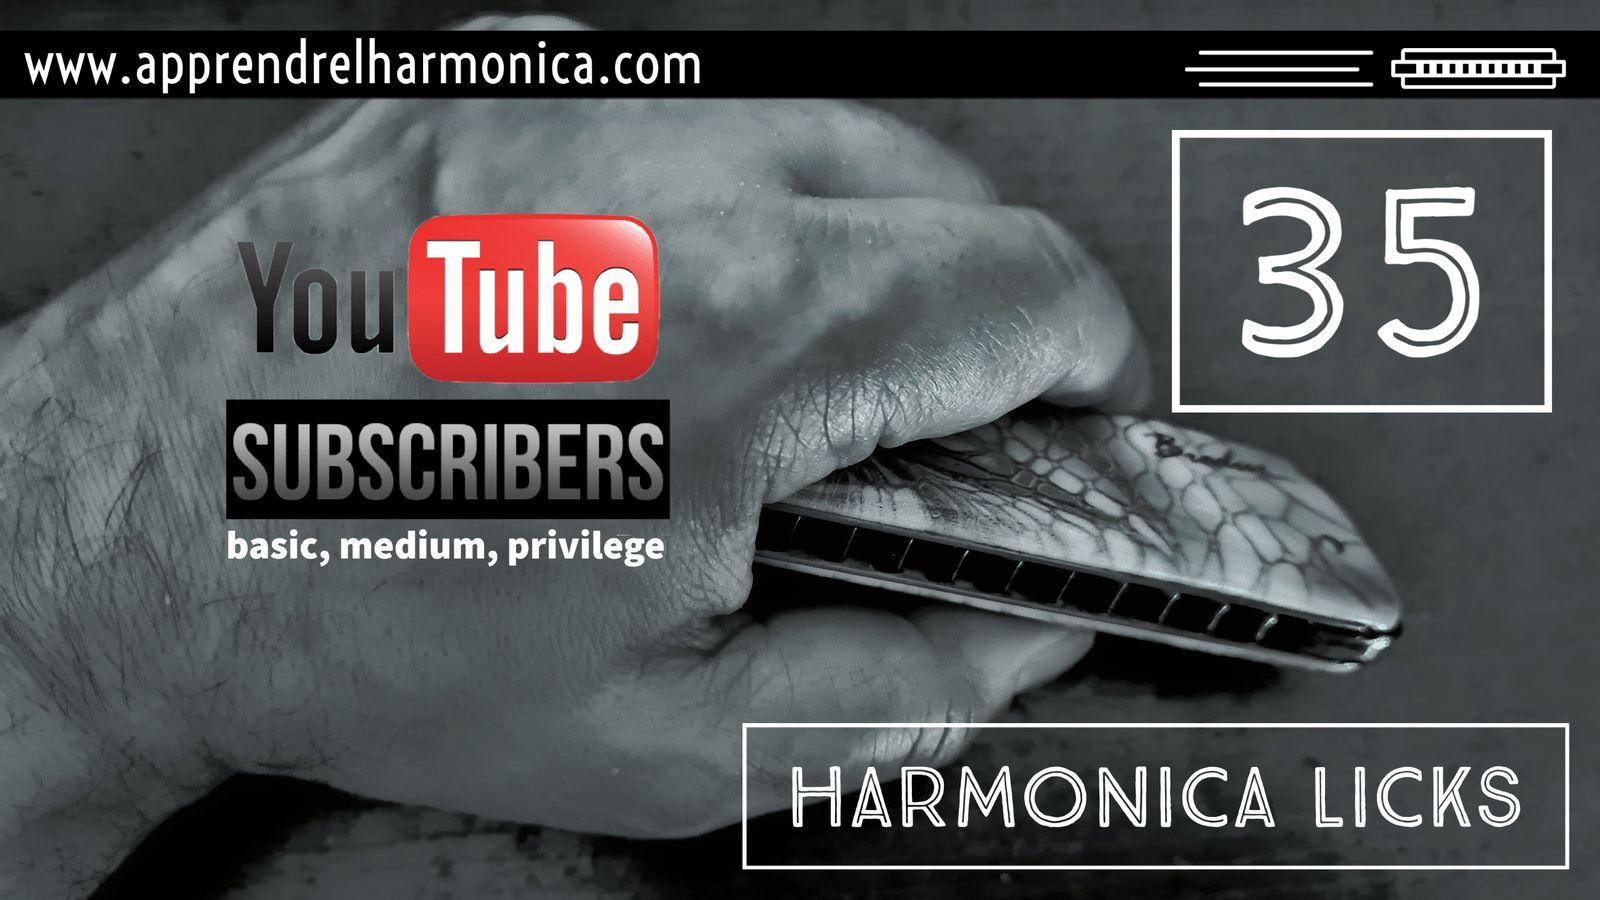 Harmonica licks - 35, 36 et 37 - Harmonica C